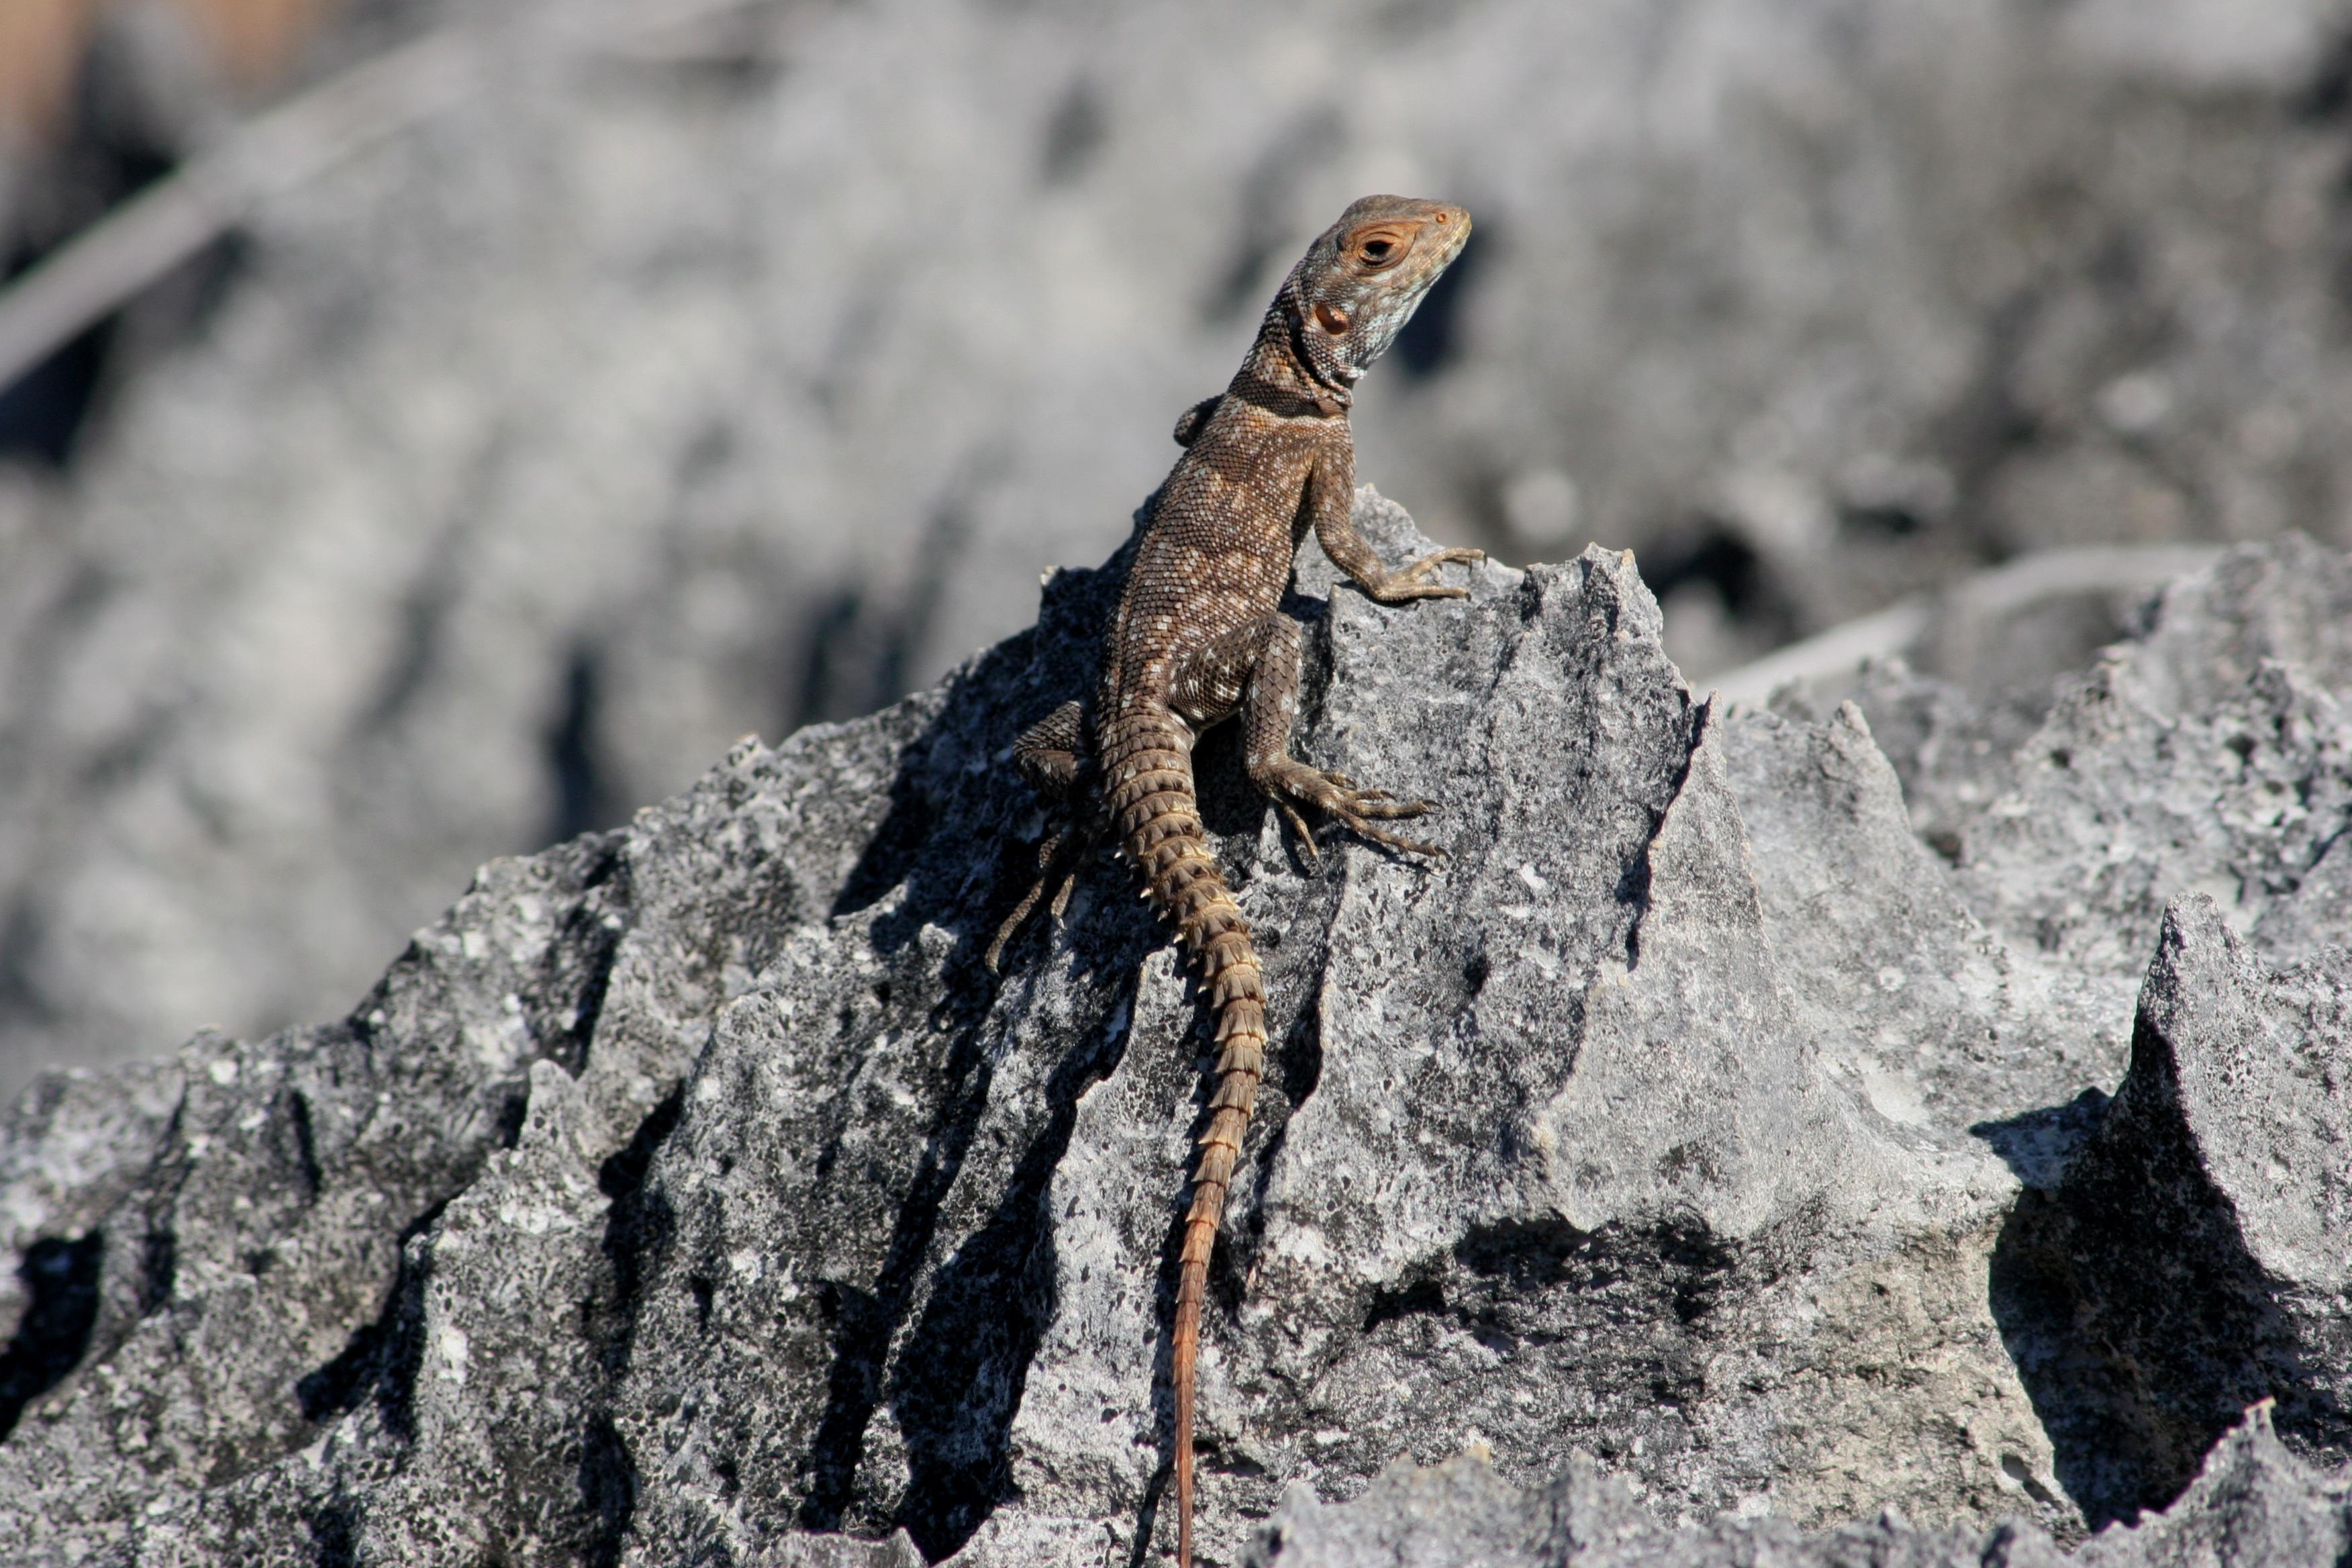 Spike tailed lizard